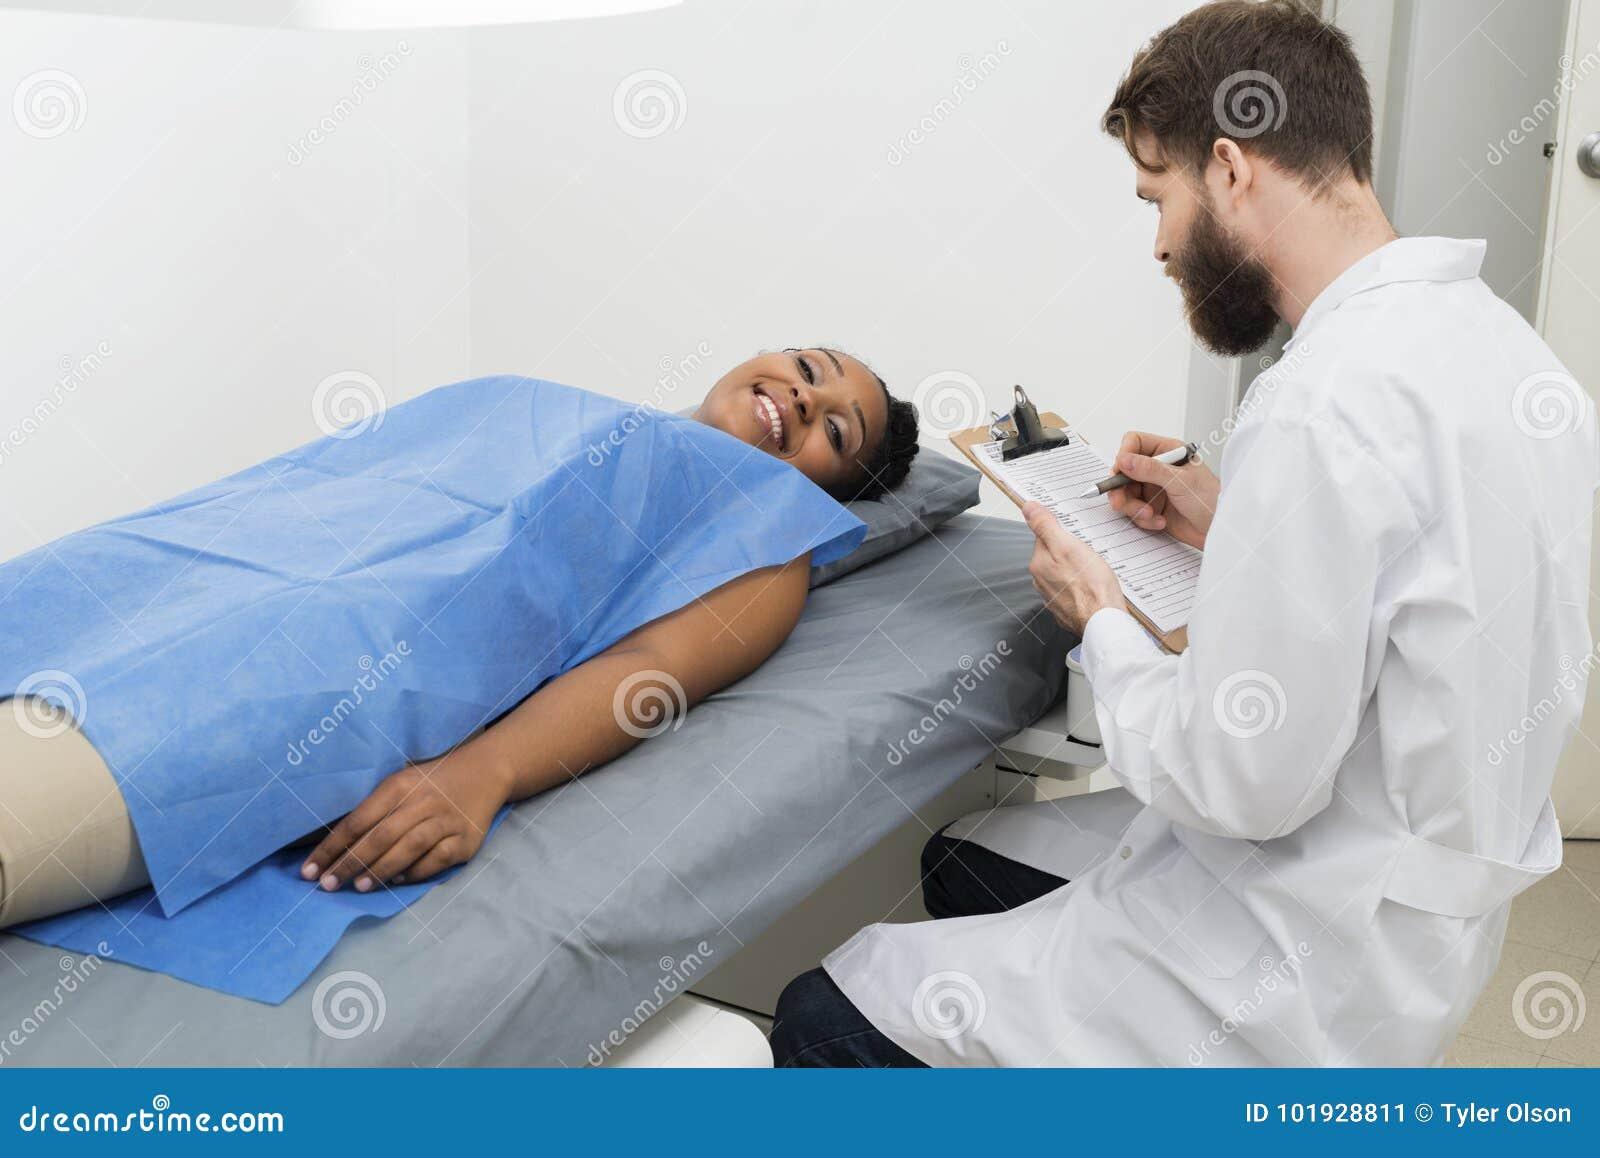 Mensonge patient femelle sur le lit tandis que docteur Holding Clipboard